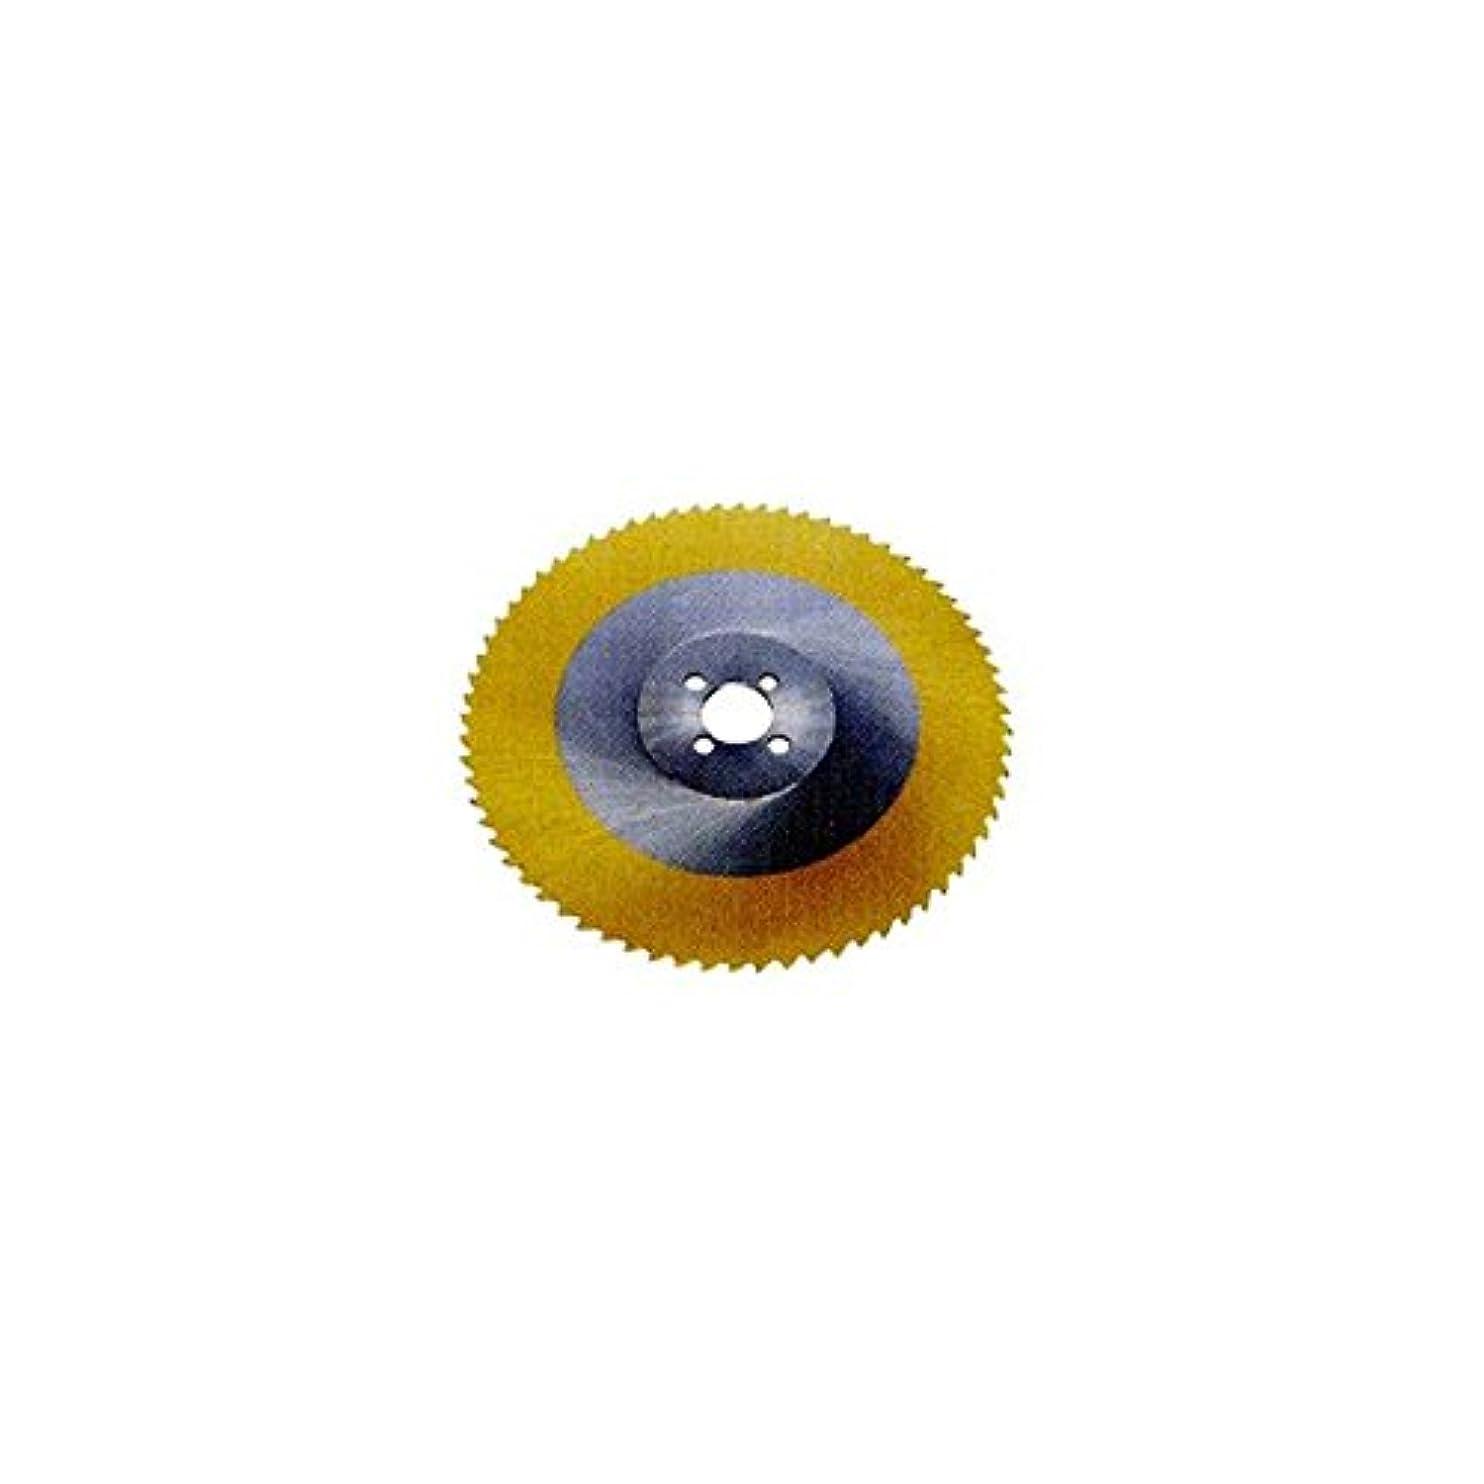 有用文庫本バンジョー岡崎精工:TINコバルトソ(65×12×2)400×3×40-P5 TCMS53-P05